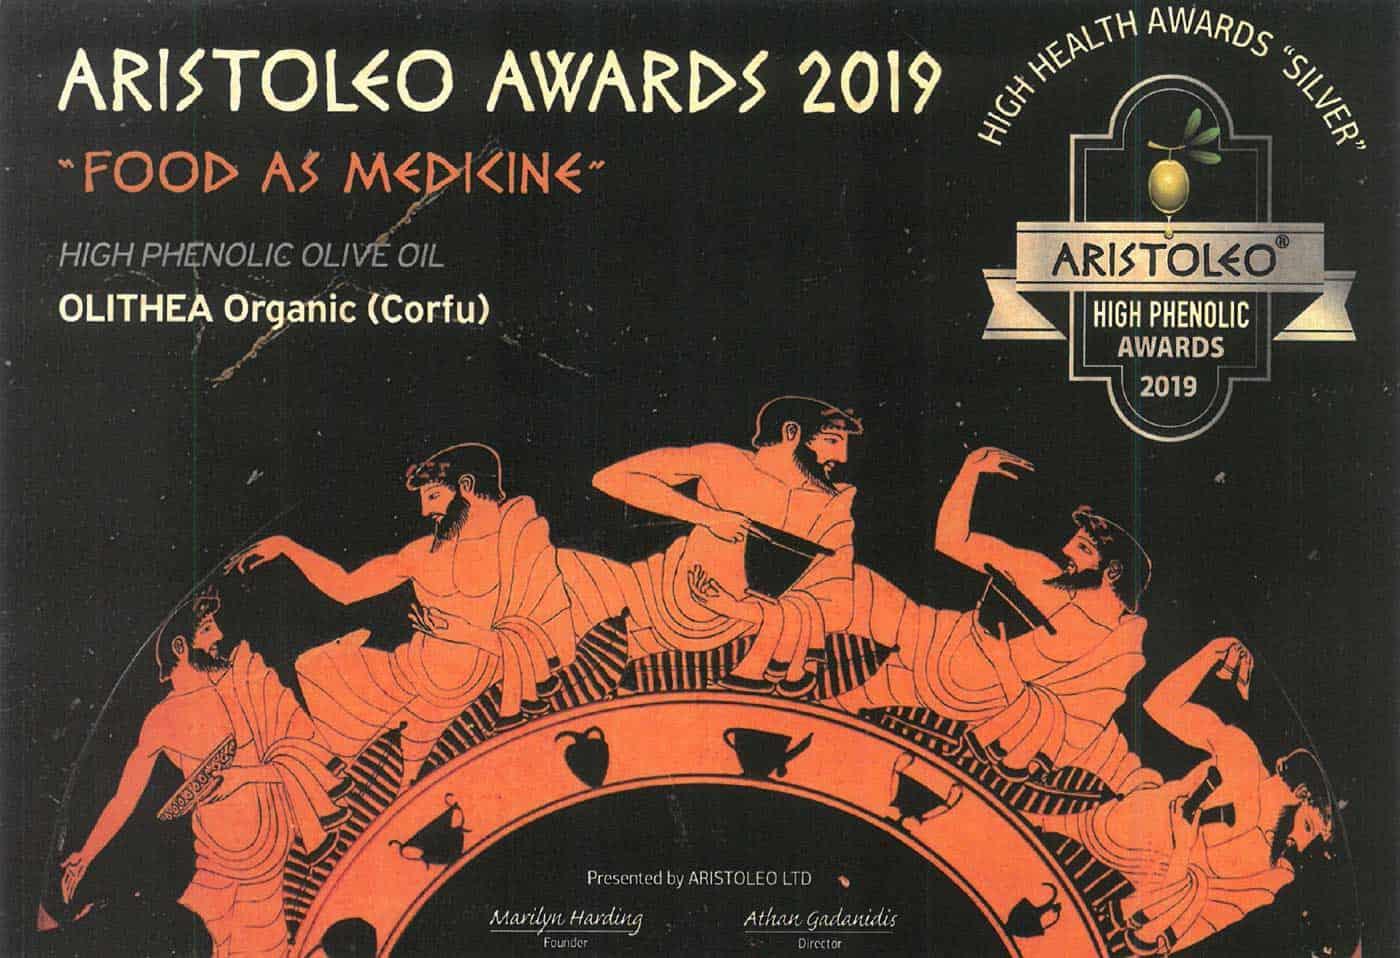 2019-aristoteo-high-phenolic-awards-silver